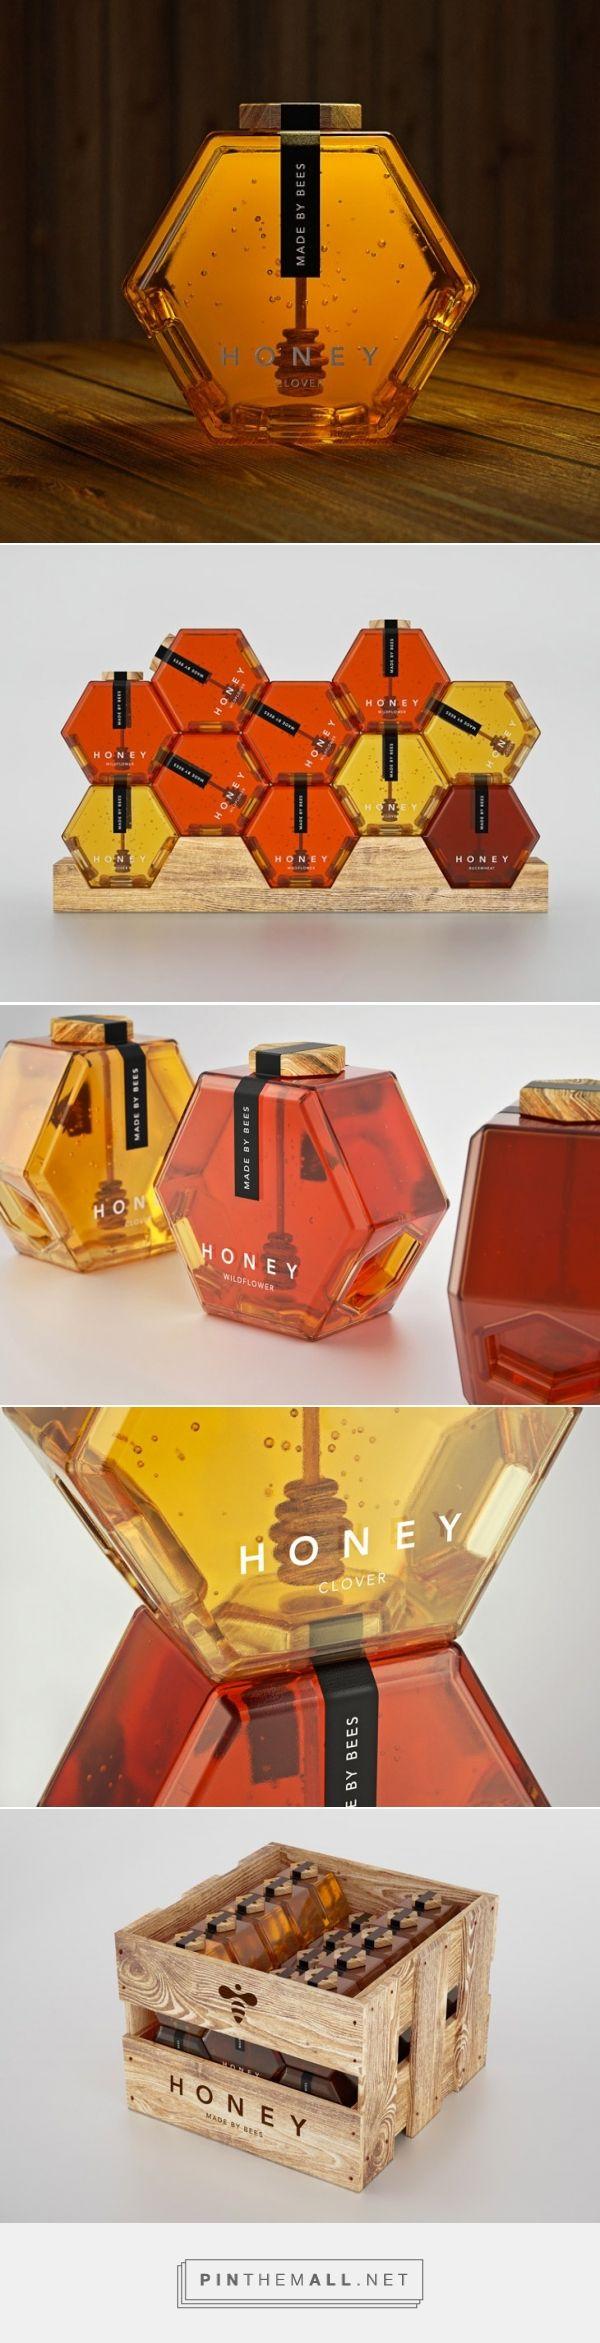 Conheça o melhor design de embalagem de mel da história: o Hexagon Honey! | Temporal Cerebral Design Blog - created via https://pinthemall.net